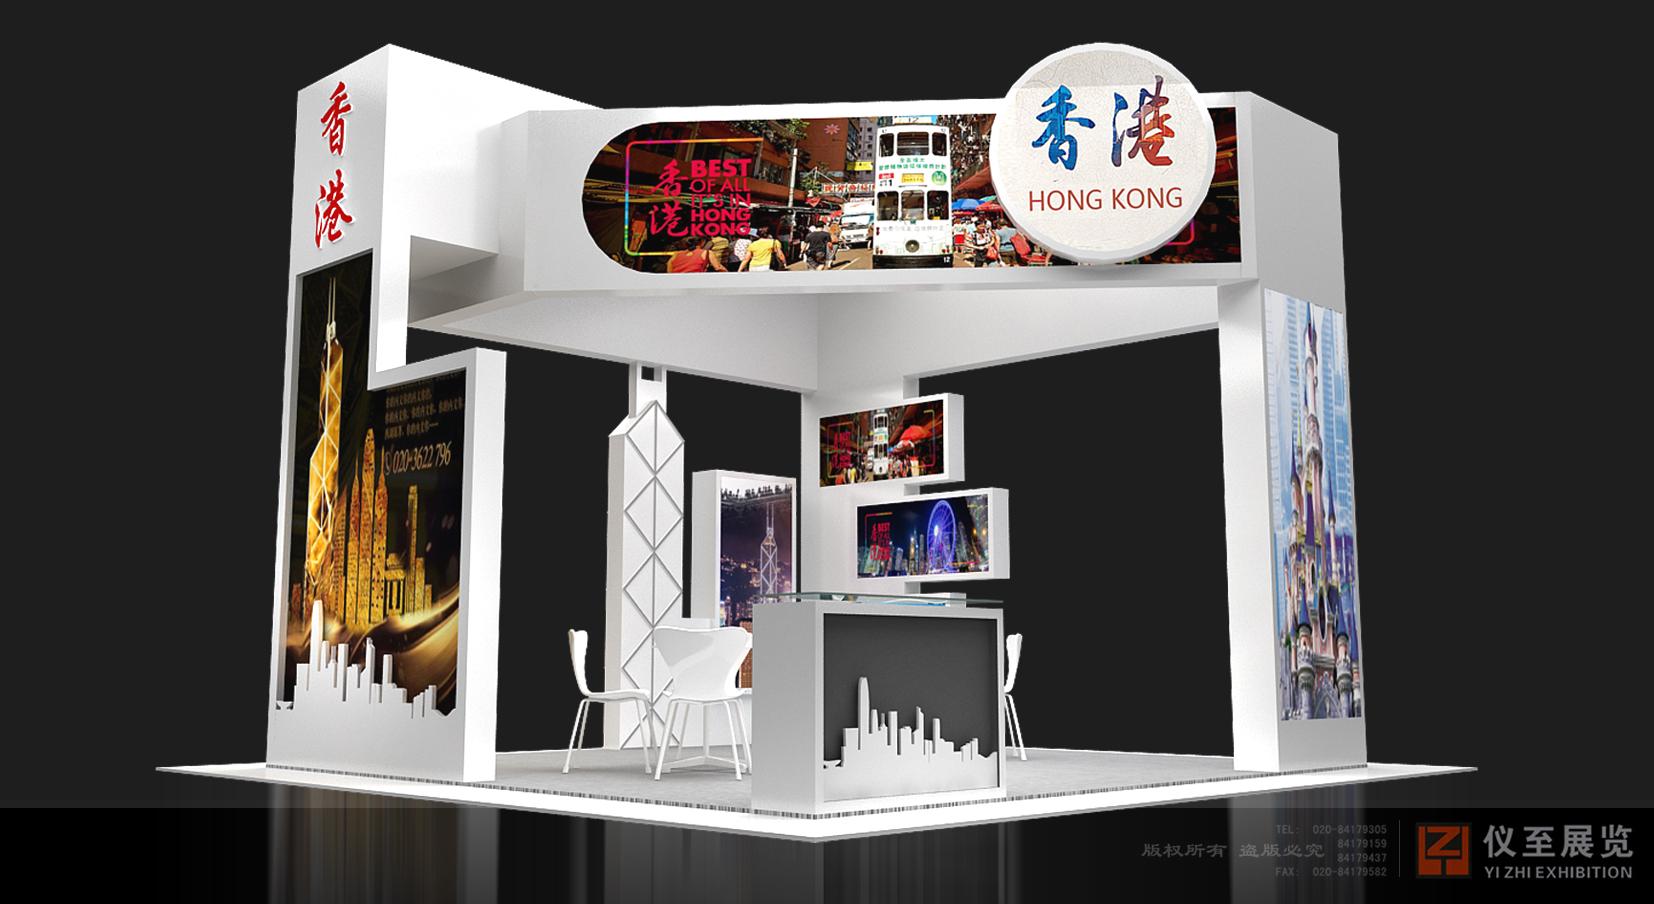 香港馆--旅游展展会设计